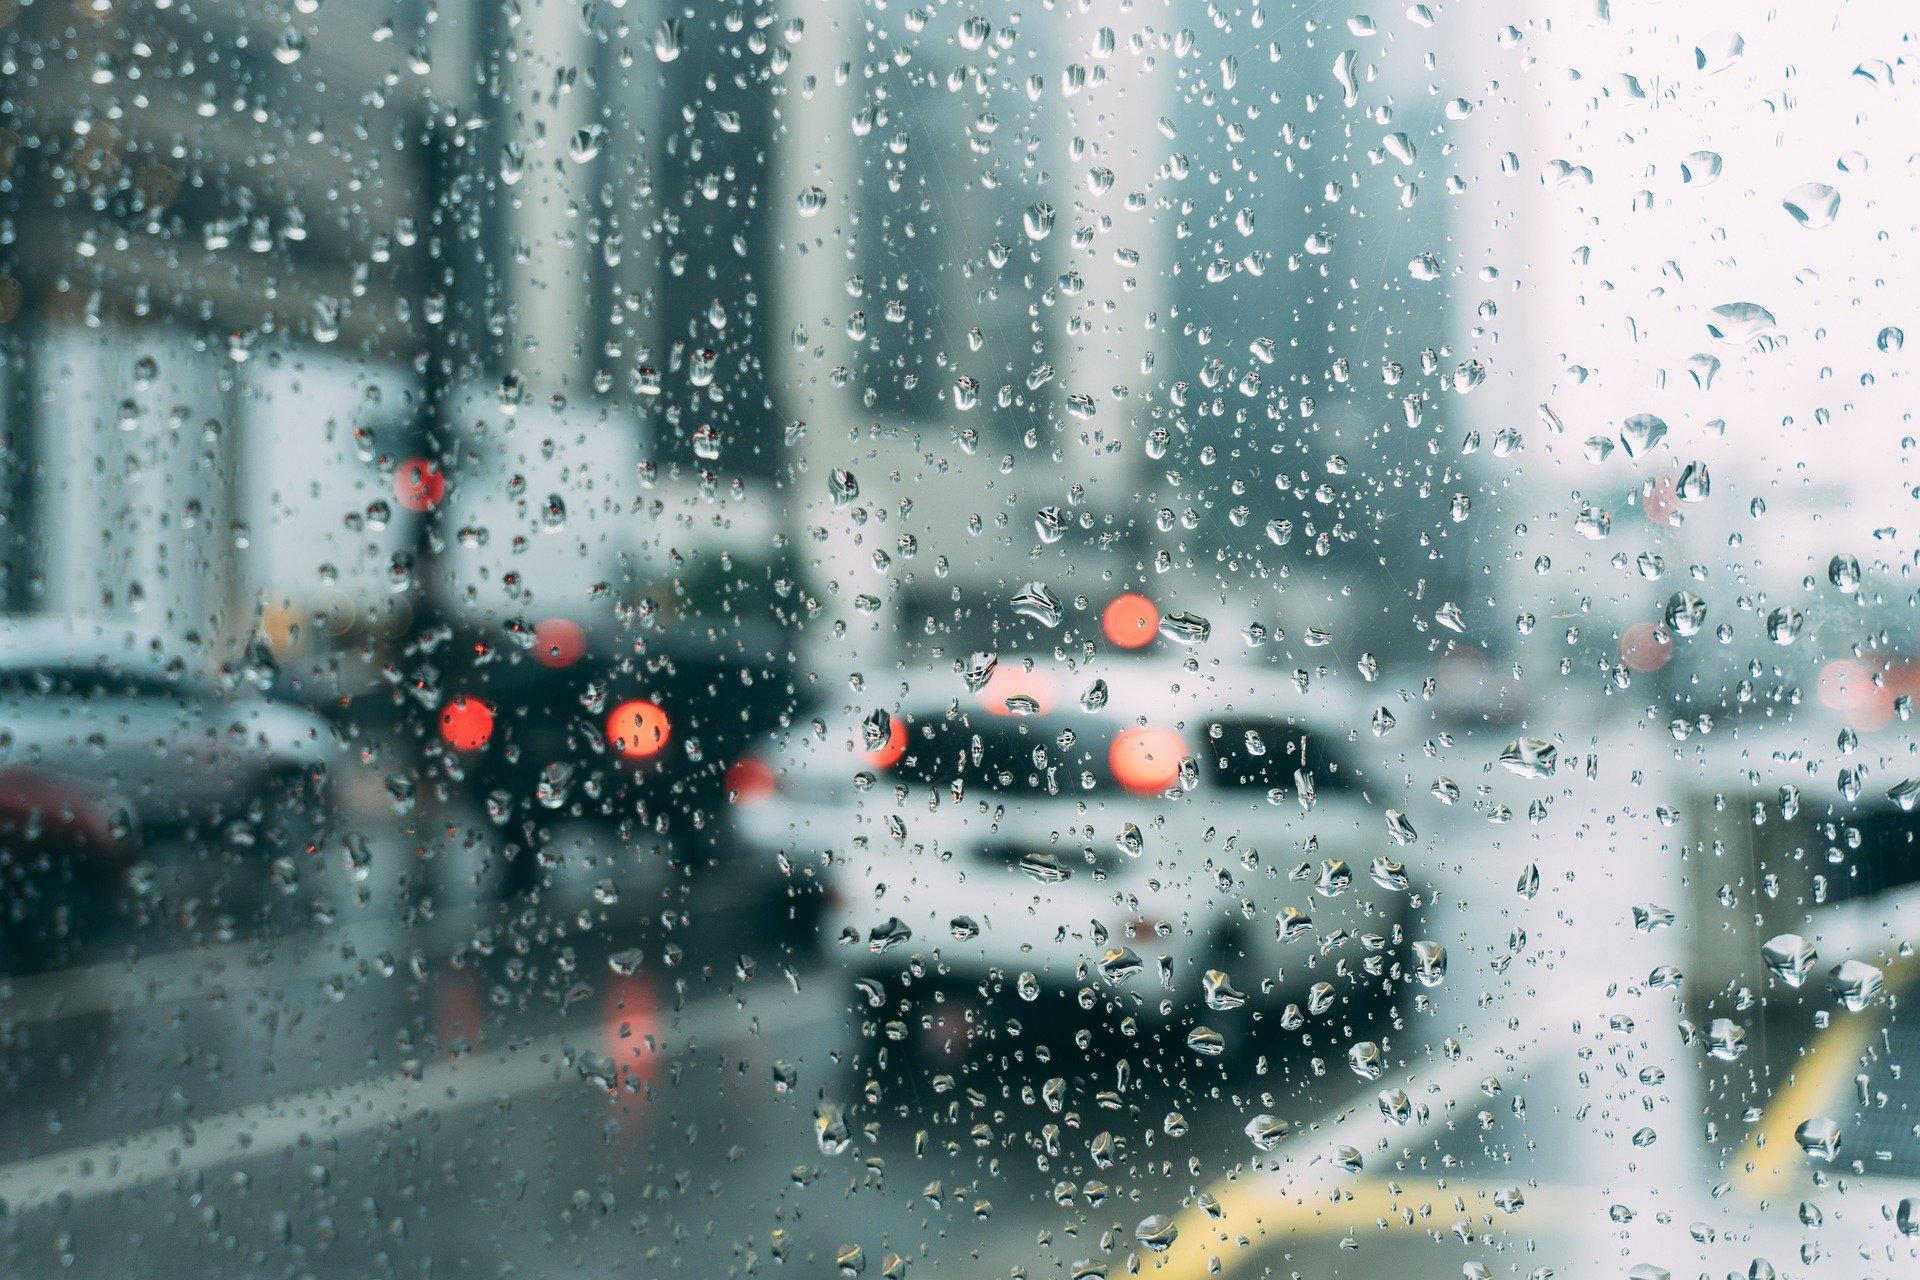 Μεγάλο μποτιλιάρισμα στους δρόμους λόγω βροχής